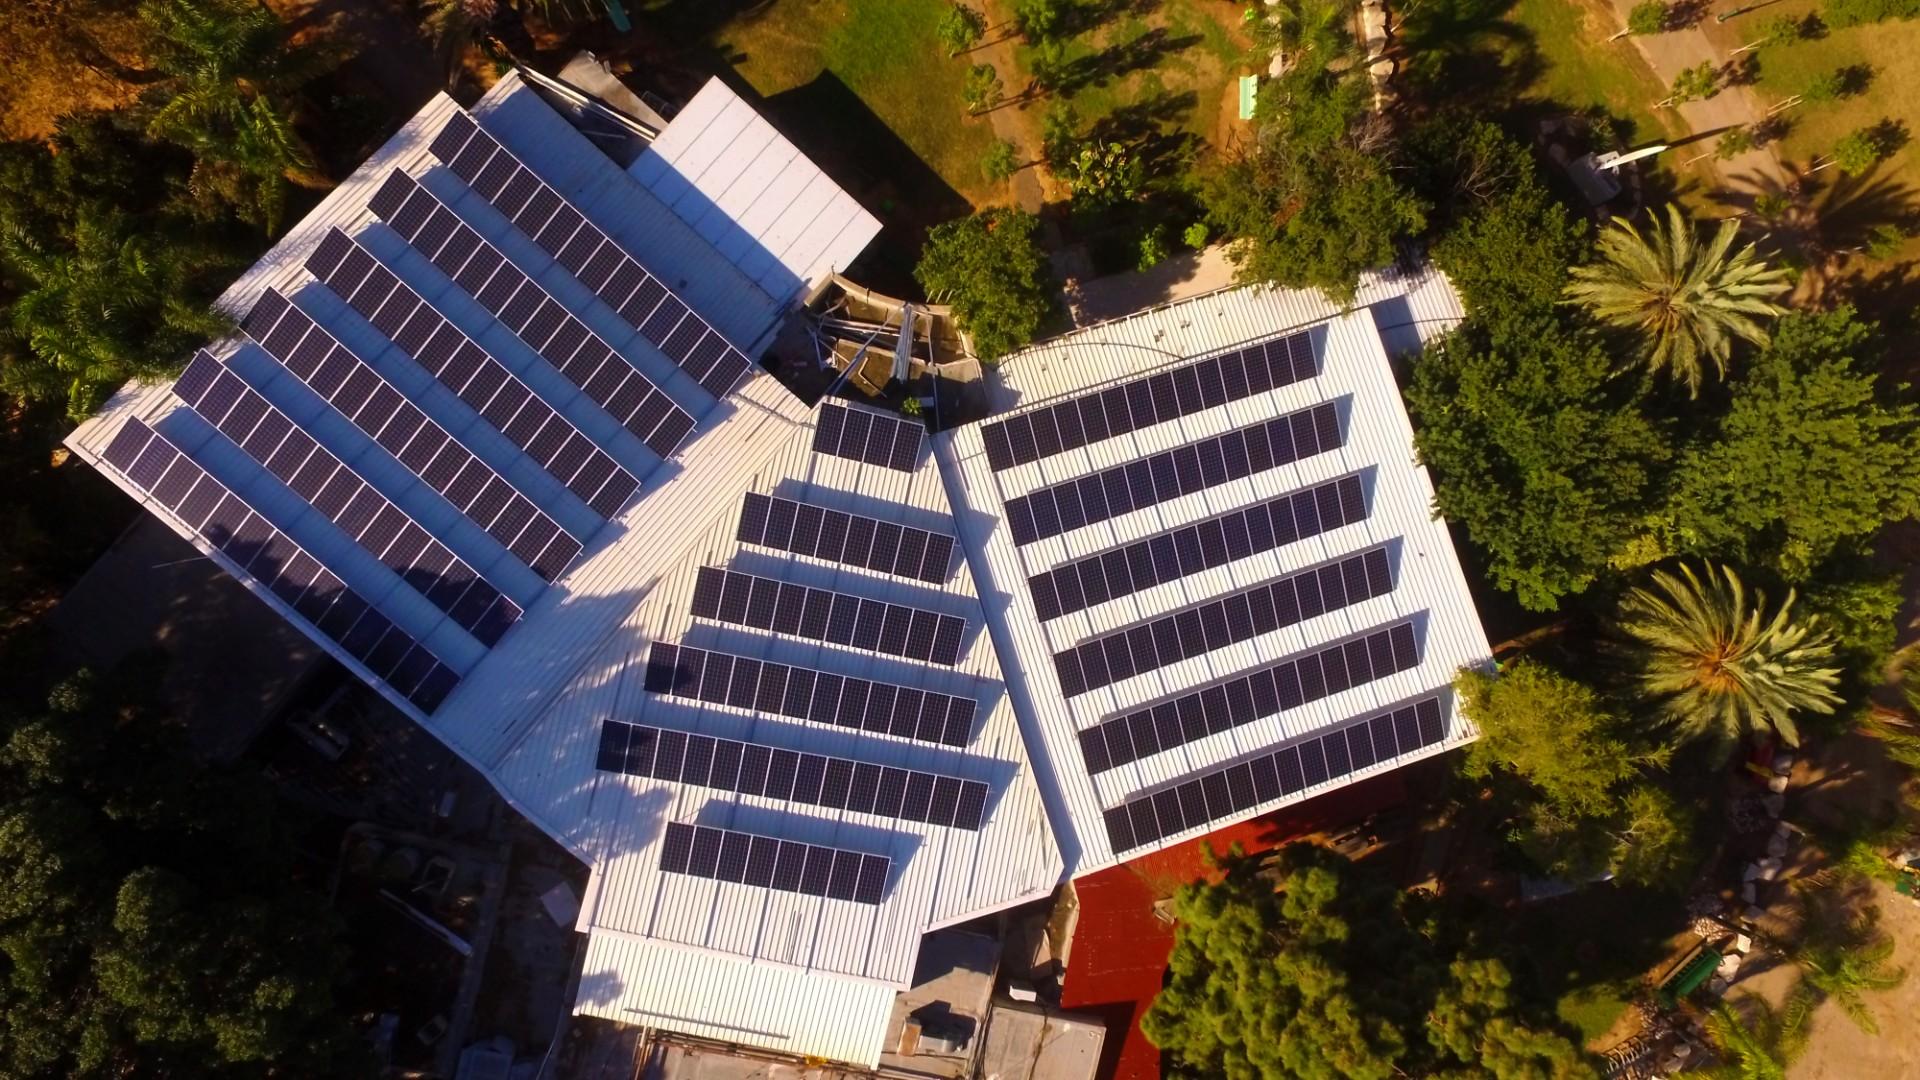 מערכת סולרית על גג מחסן גדול באיזור הכפר הירוק. צילום: קדמה סולאר